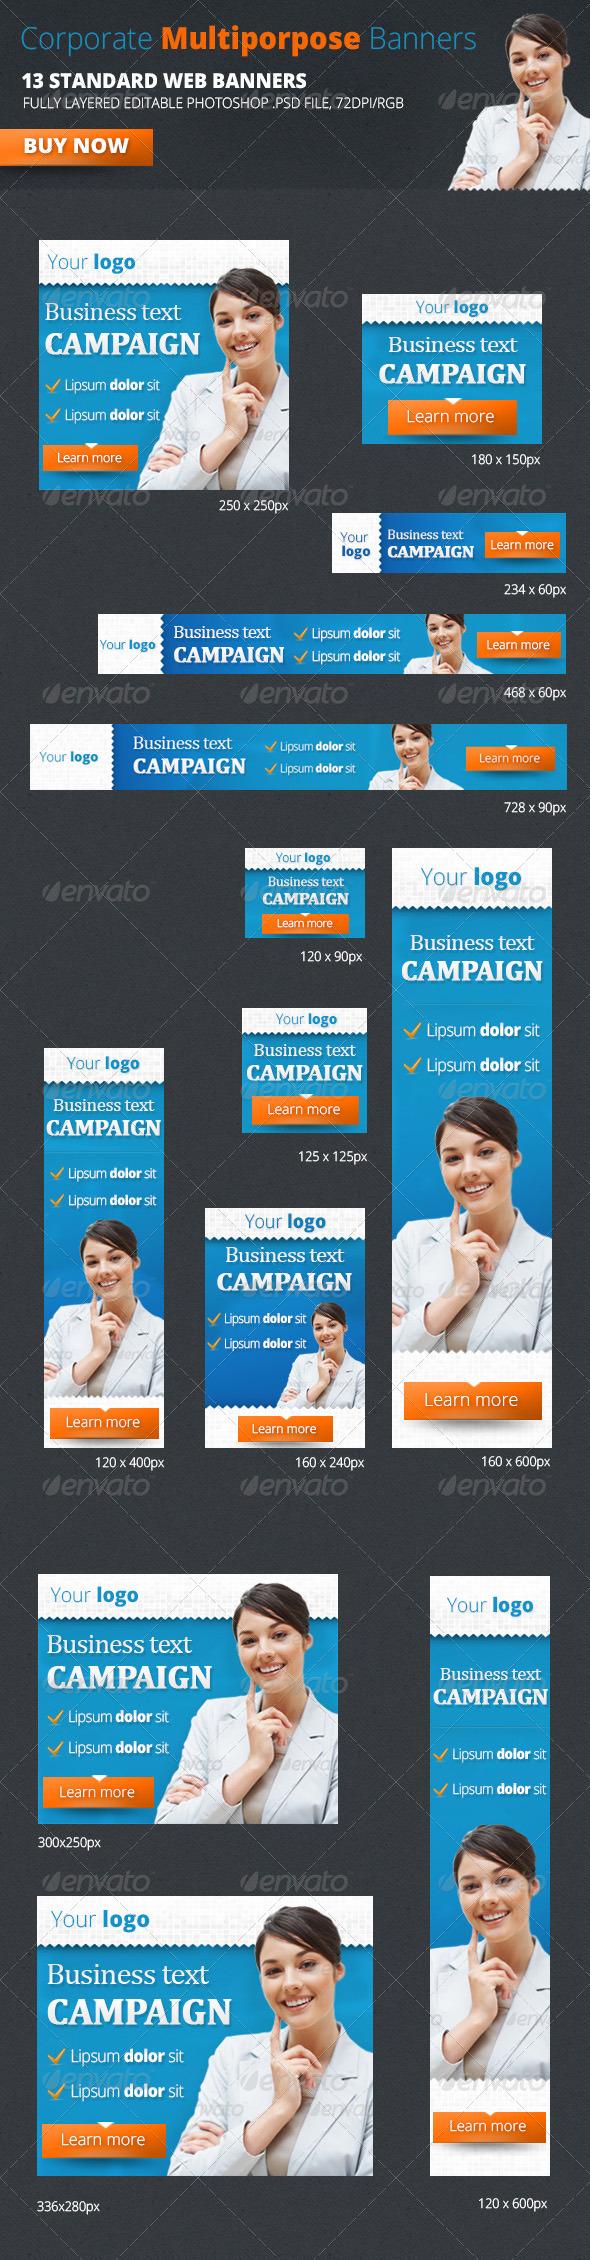 GraphicRiver Corporate Multiporpose Banners 4815922